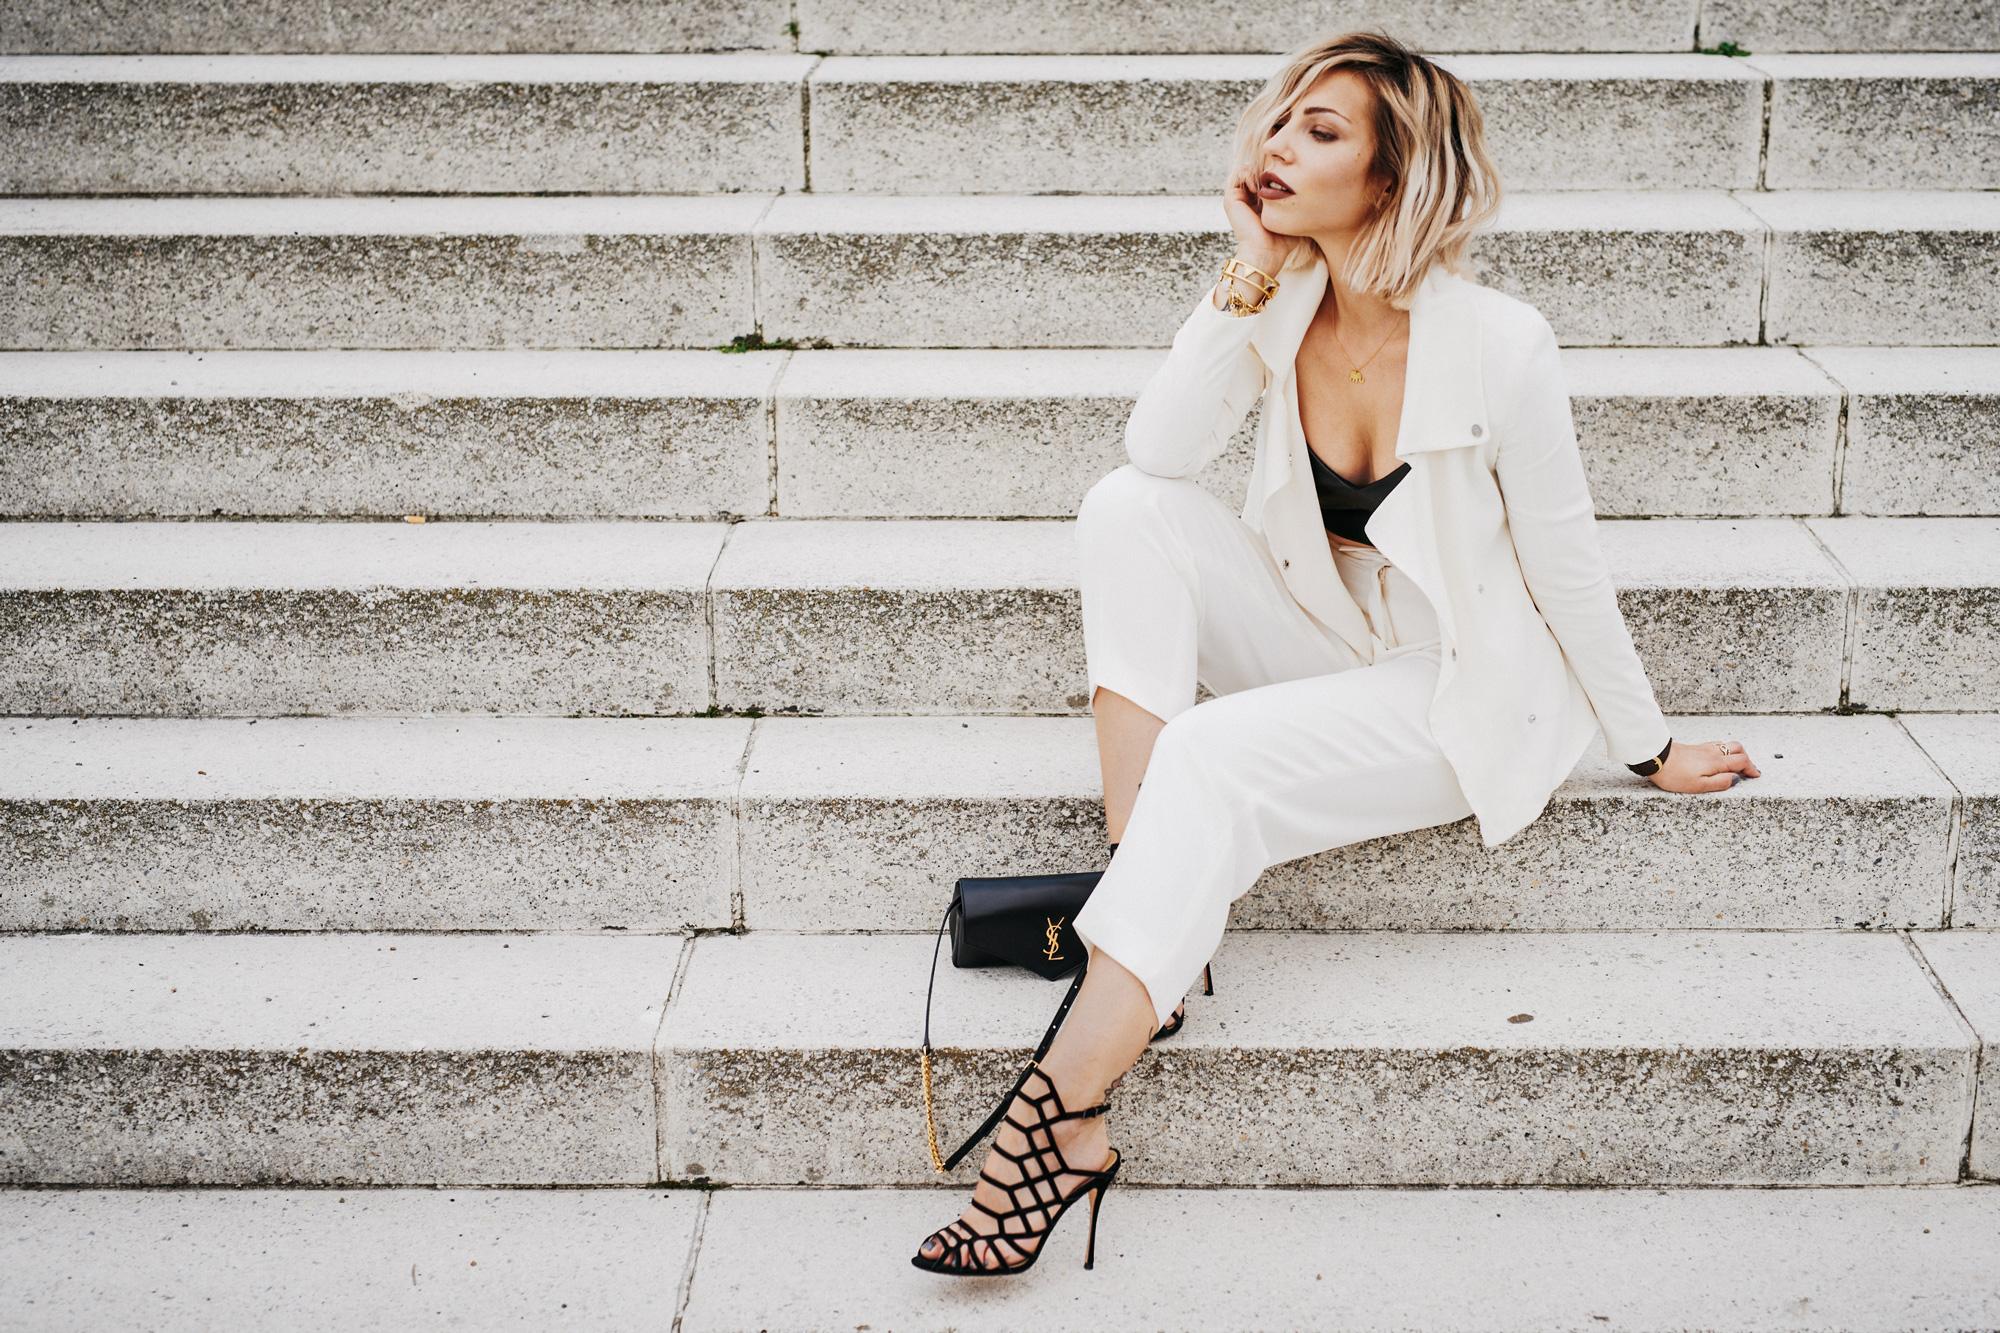 Неделя моды в Берлине | белый костюм от Hugo Boss | ищи больше фотографий в моем блоге | местоположение: Haus der Kulturen der Welt, Берлин